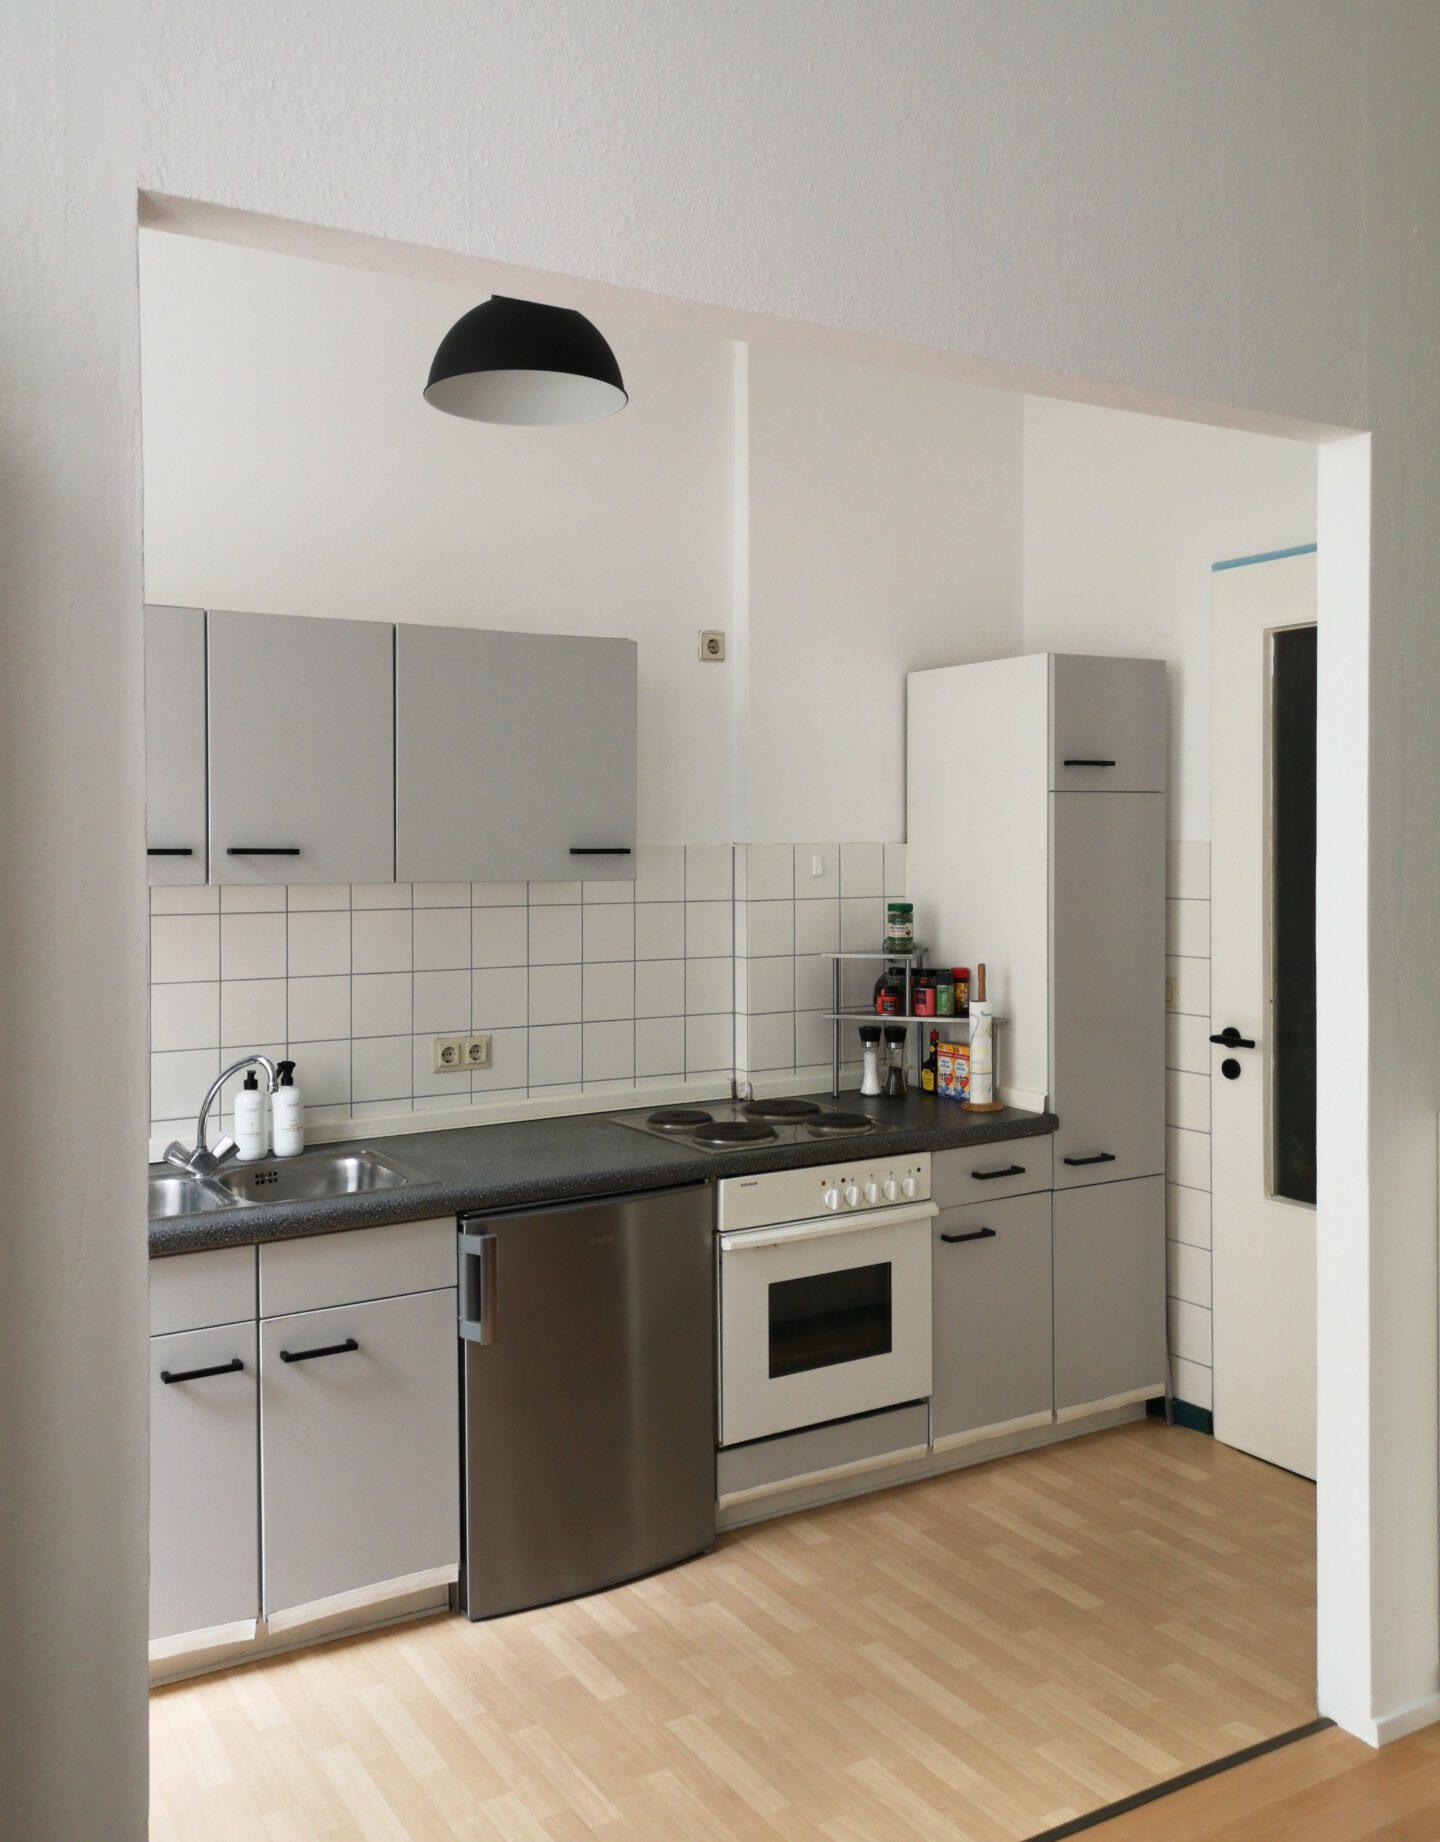 Projekt #9: Eine hellgraue Küche aufräumen und renovieren